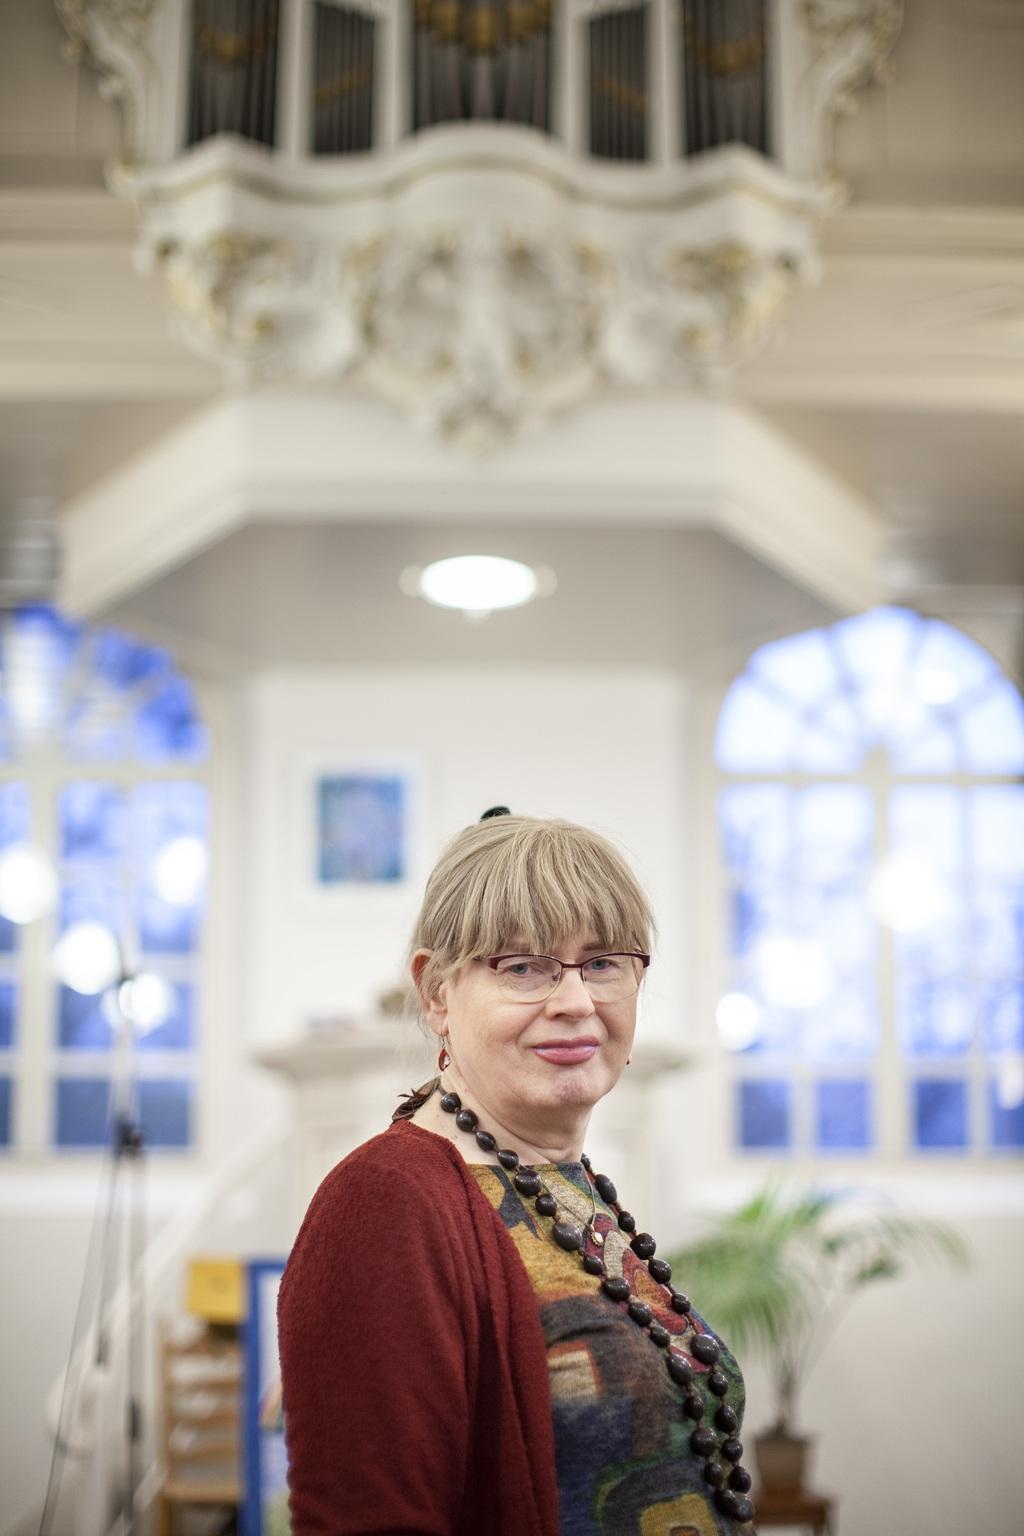 Jolanda Molenaar: 'Het voelt alsof we gestenigd worden door de witte mannen achter de Nashville-verklaring.' Foto Harry Cock / VK